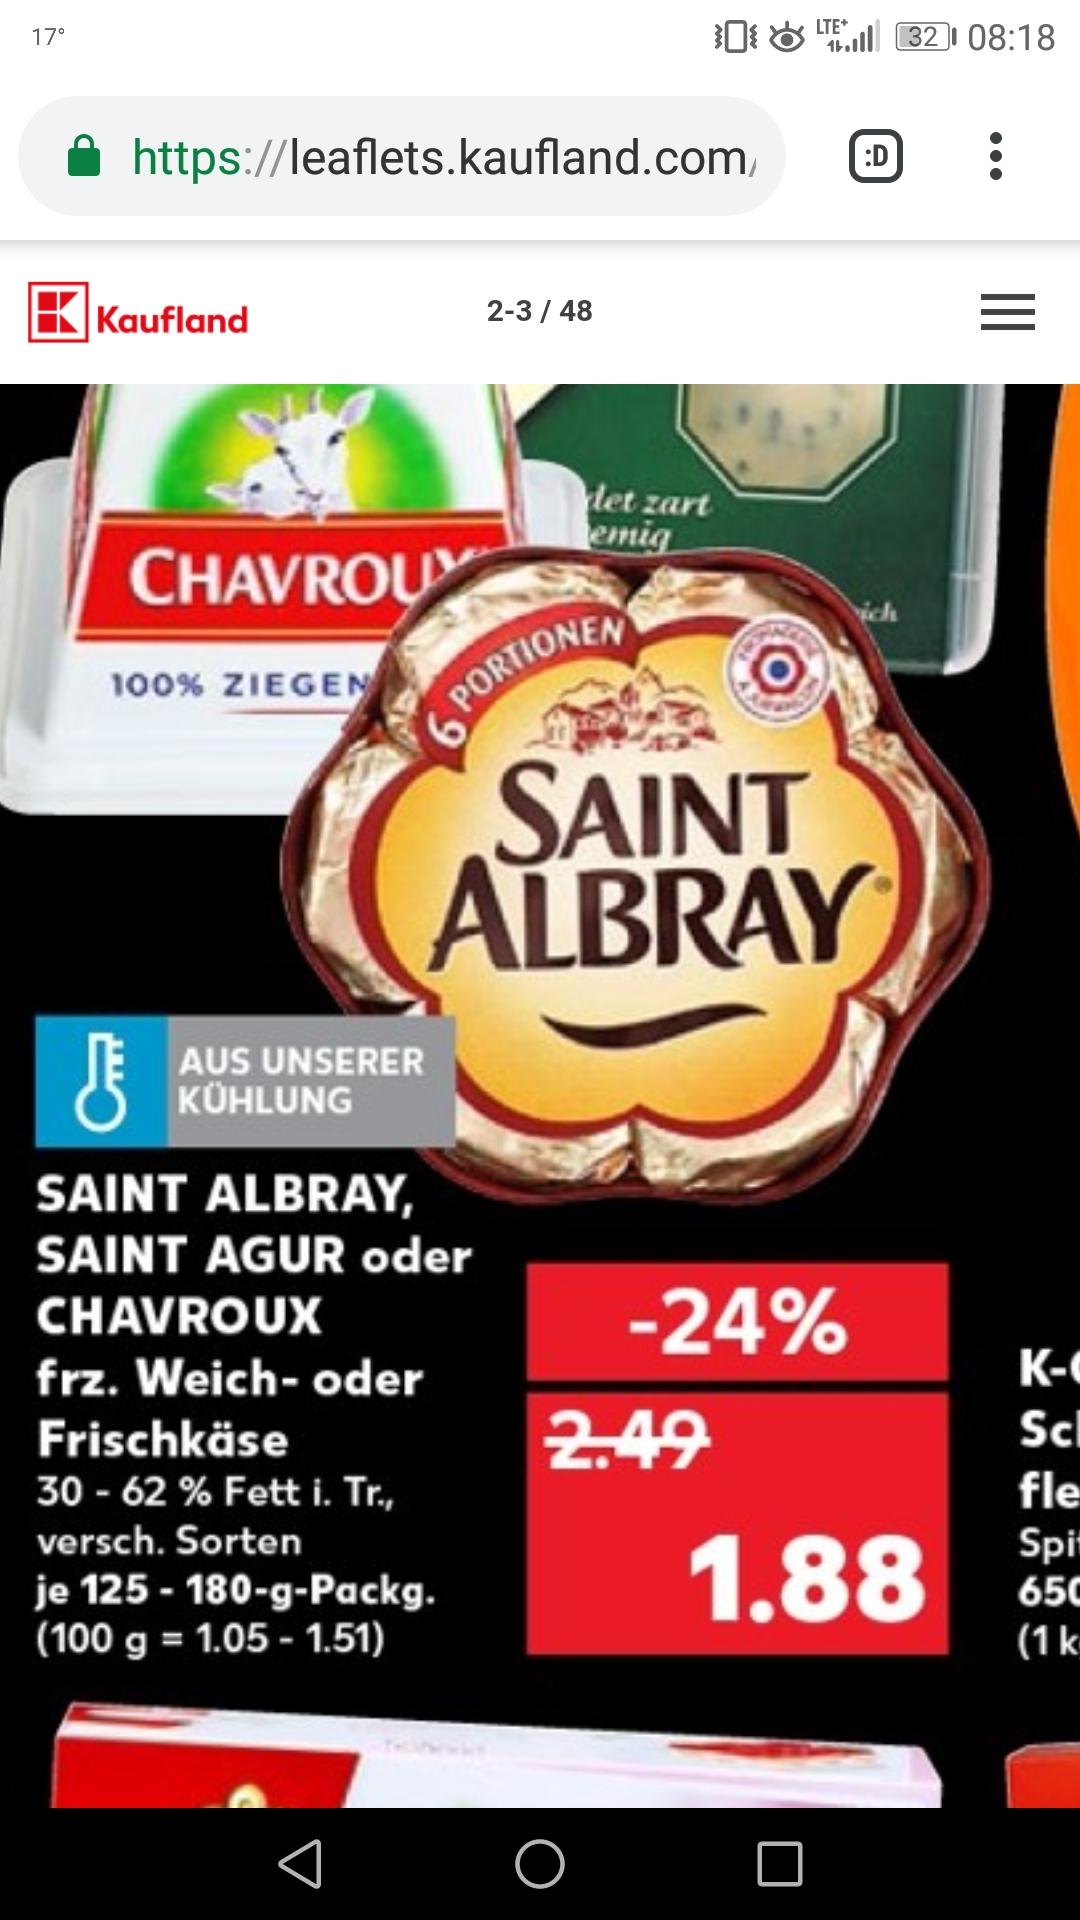 [ kaufland bundesweit ] Saint albray L'intense für 1,88€ plus 0,50€ scondoo Cashback